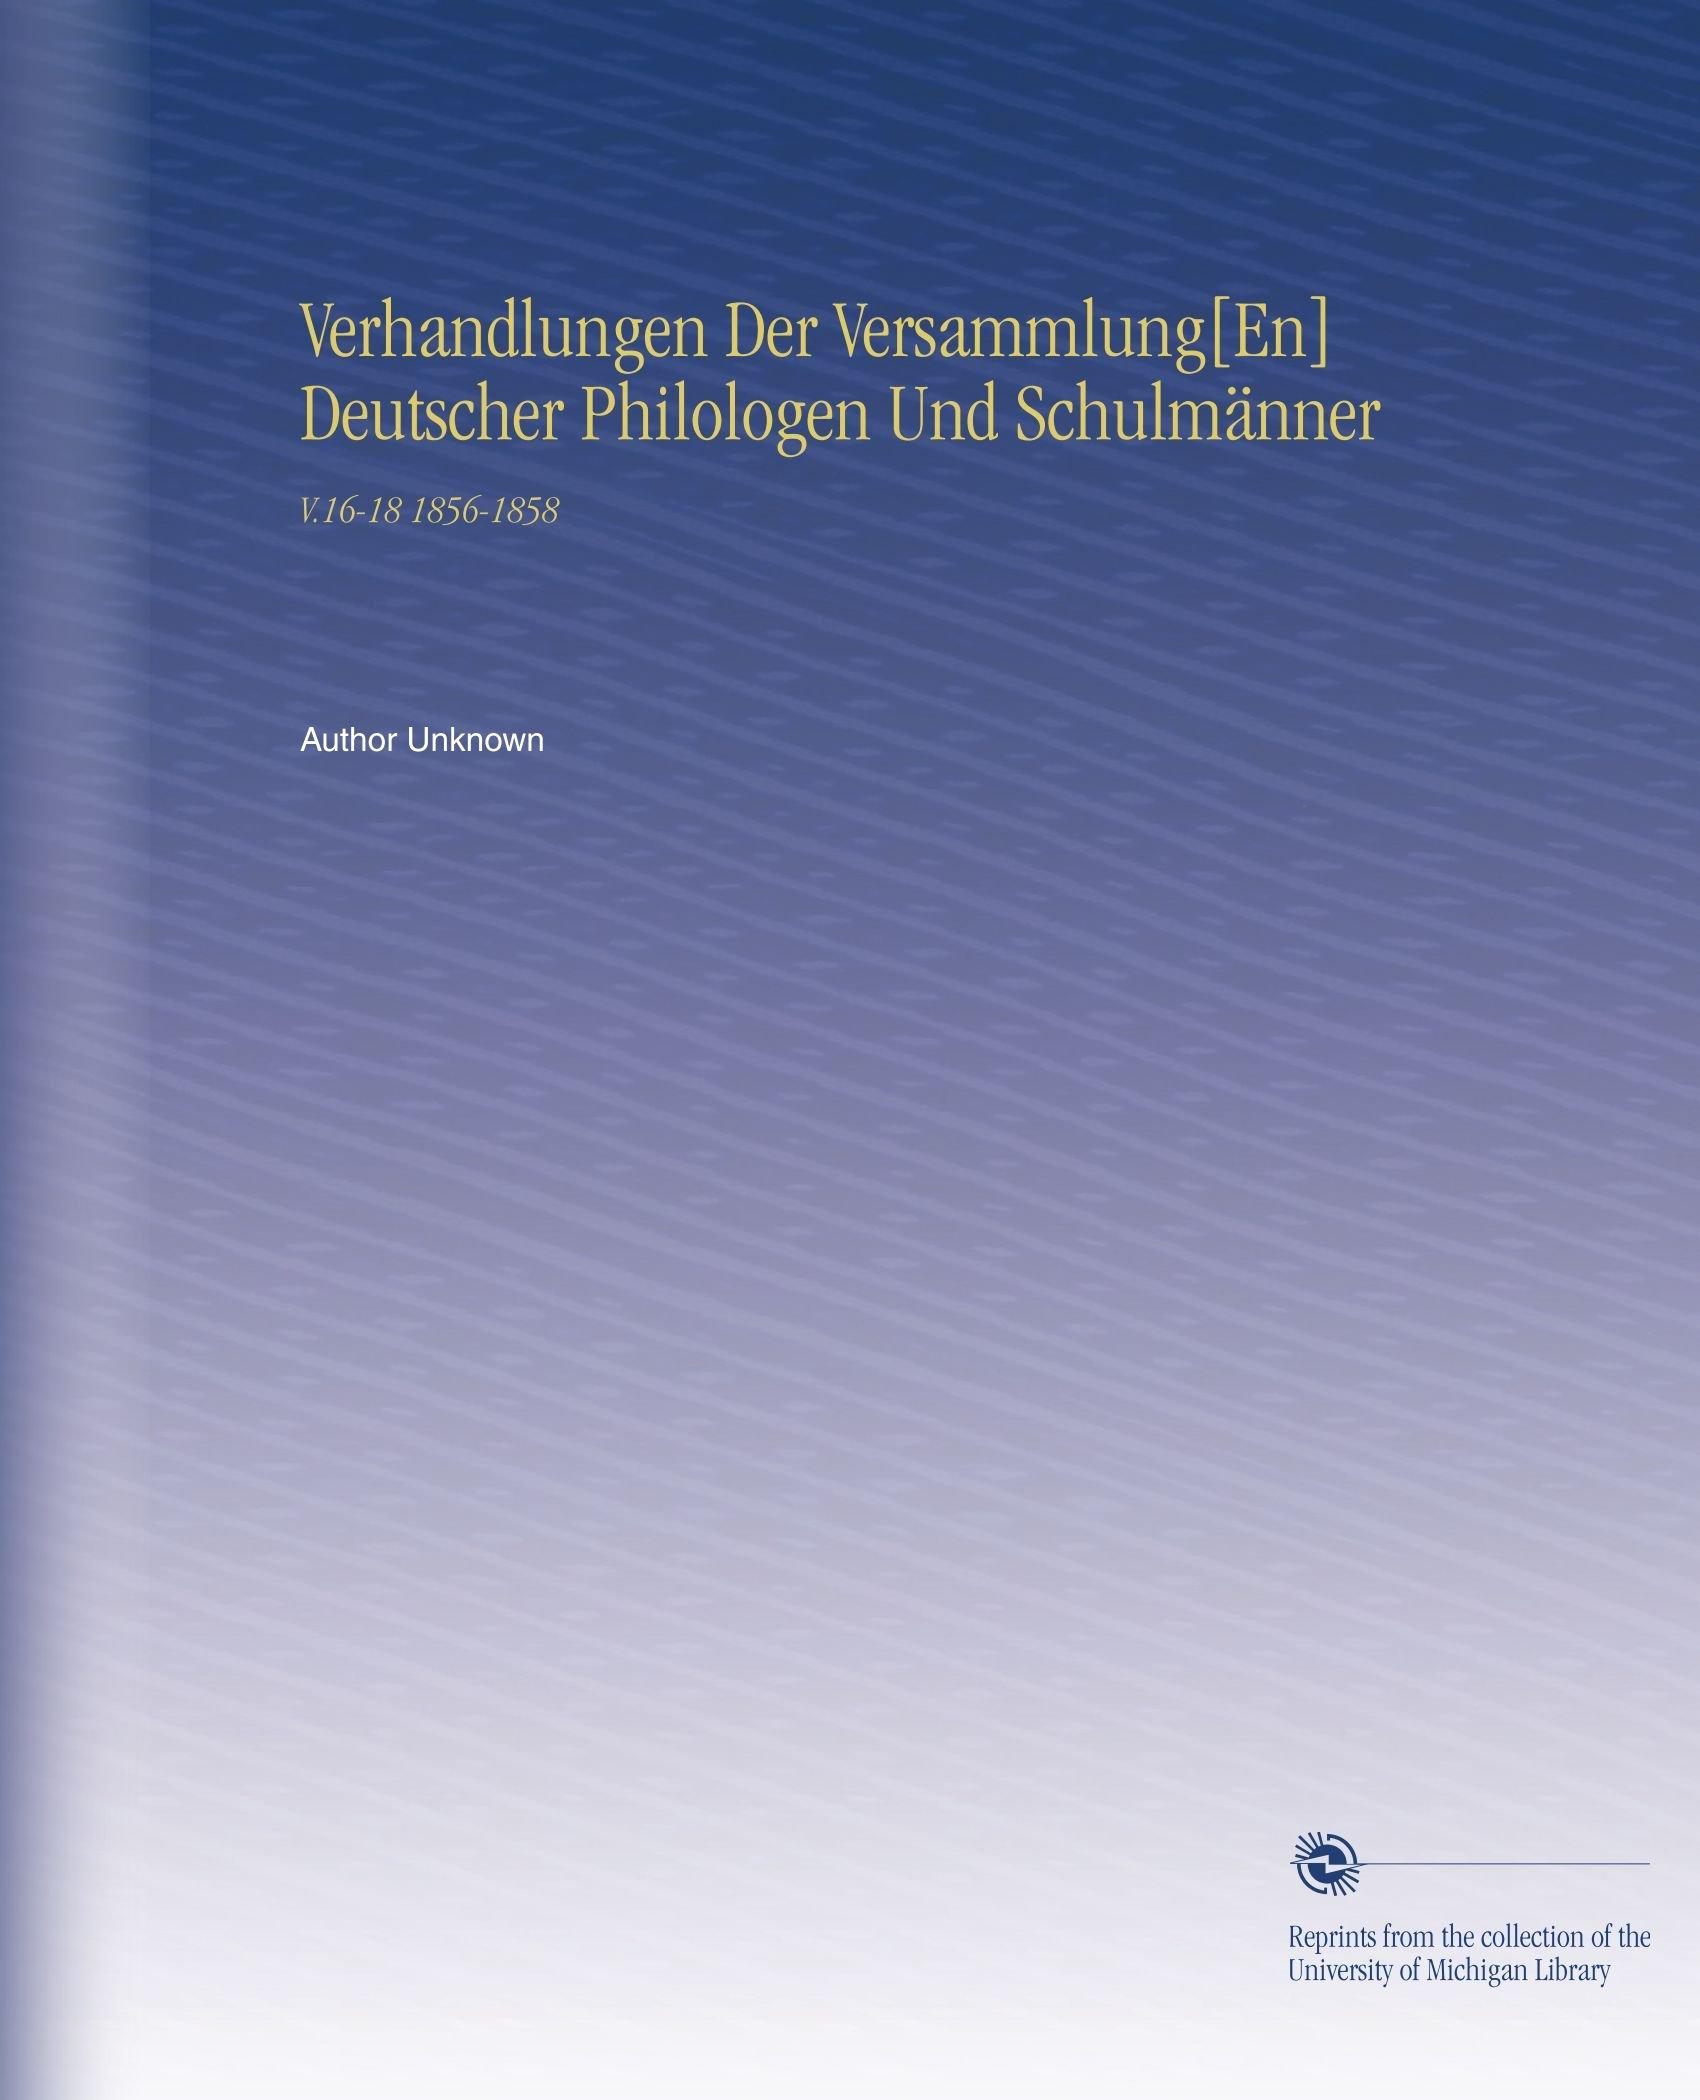 Verhandlungen Der  Versammlung[En] Deutscher Philologen Und Schulmänner: V.16-18 1856-1858 (German Edition) ebook